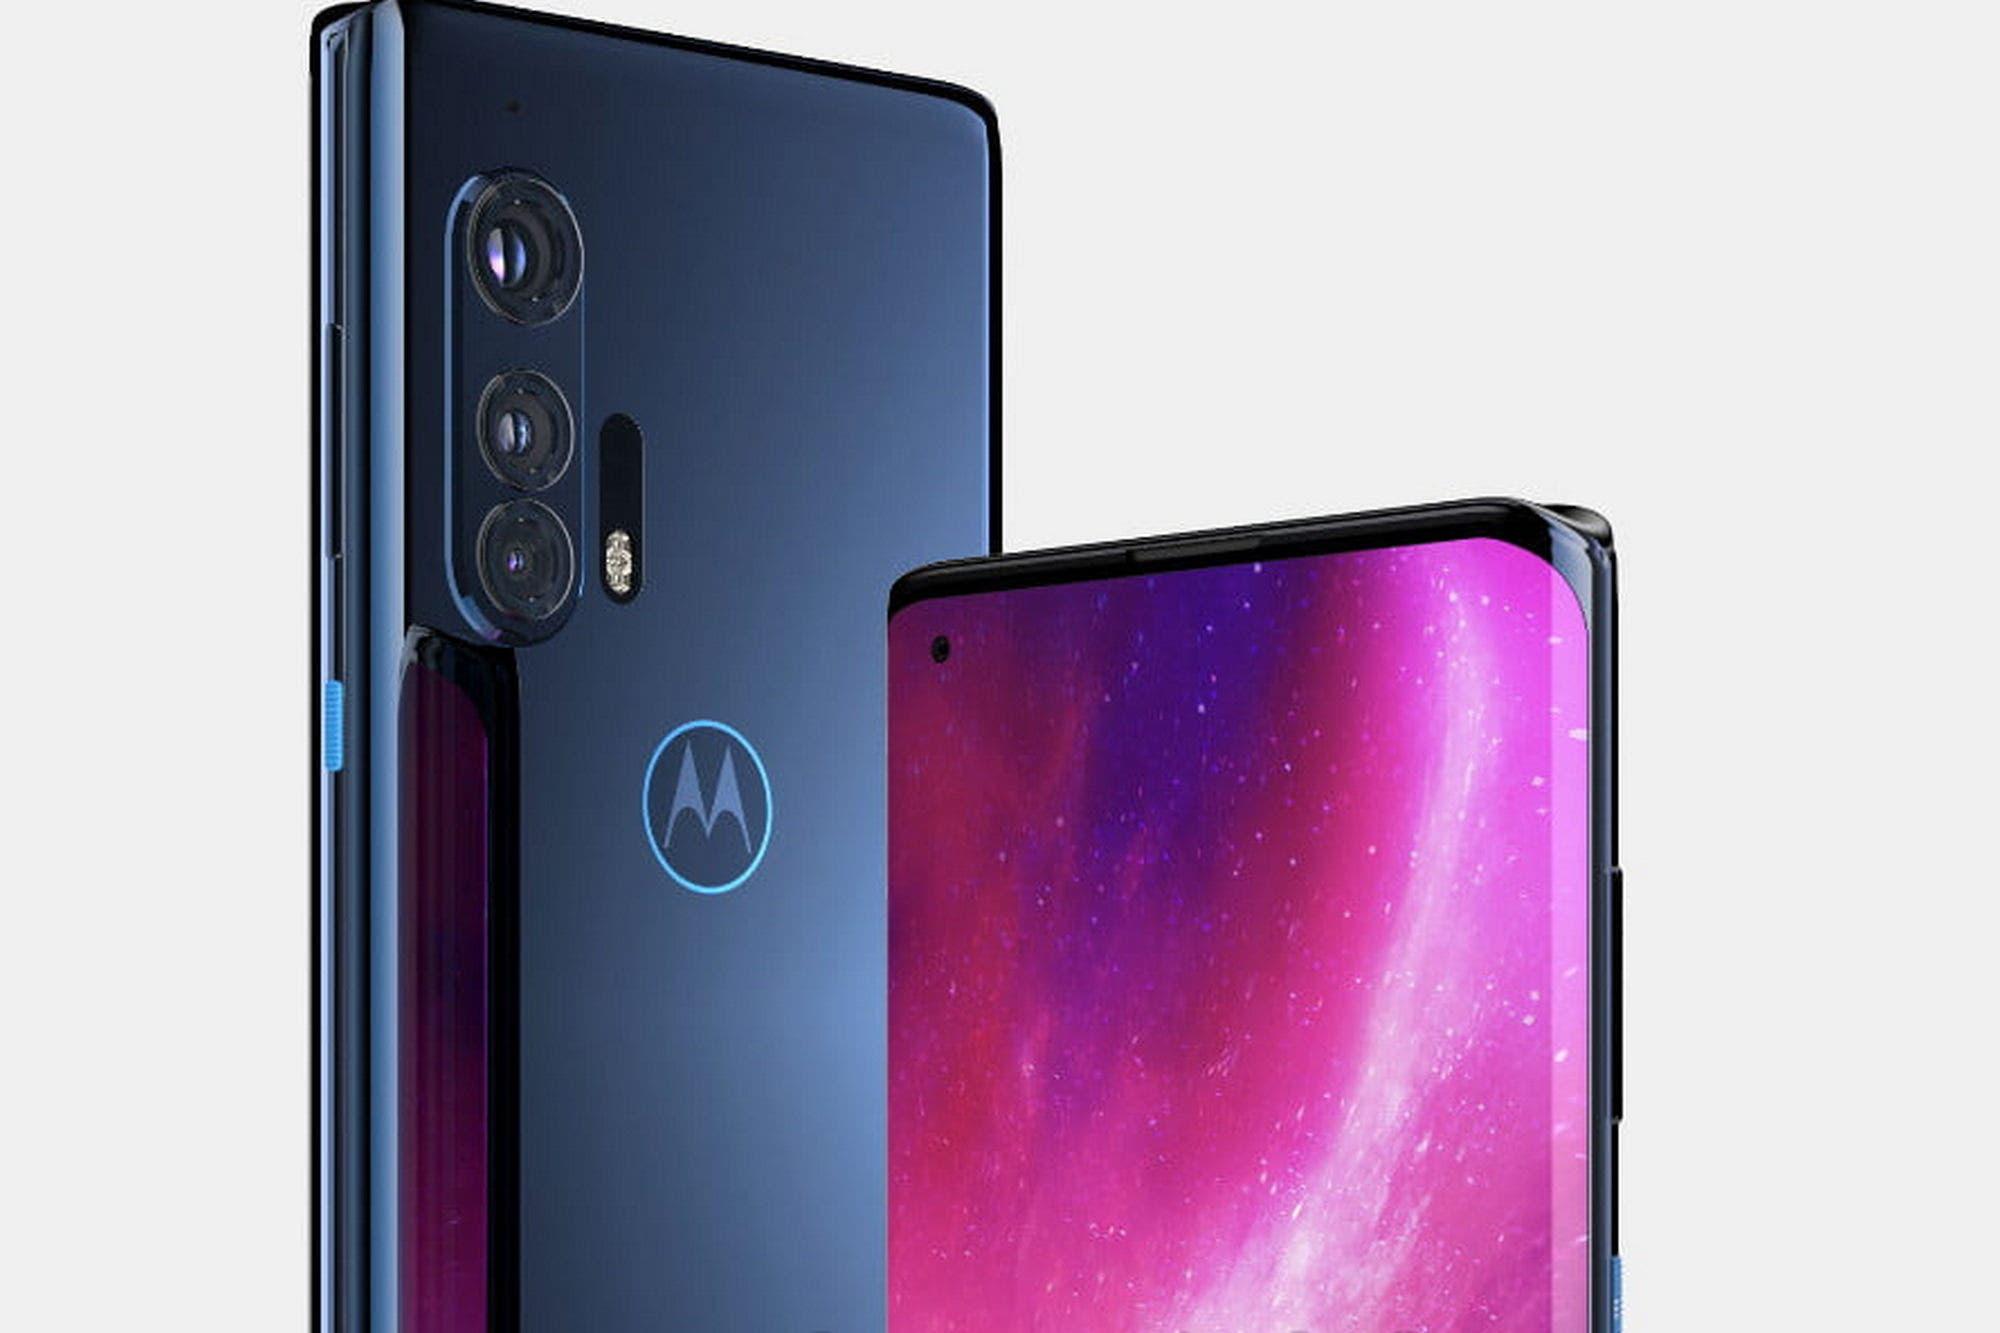 Motorola presentará su teléfono insignia con pantalla curva el 22 de abril